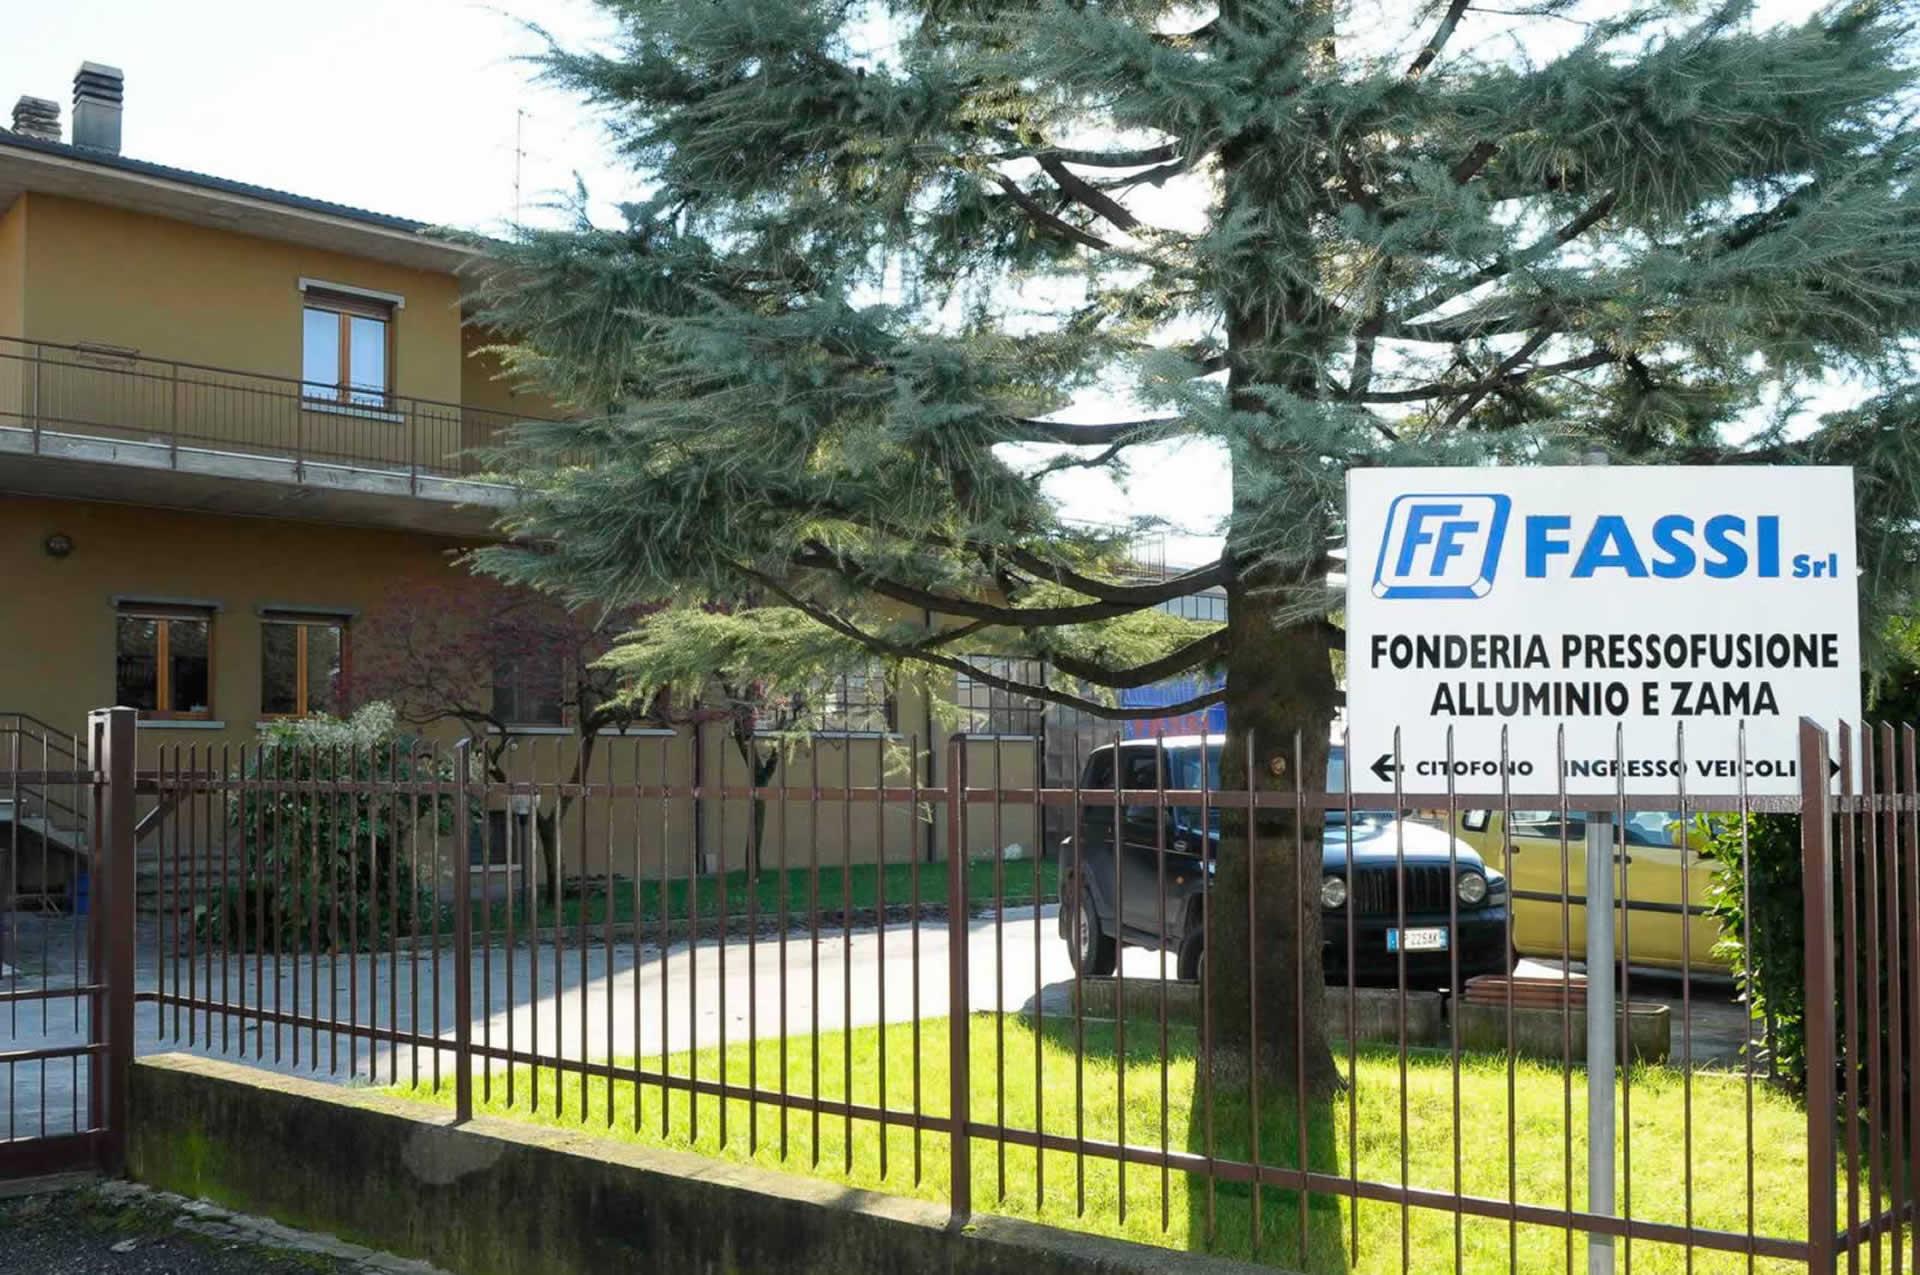 fassi srl | fonderia di bergamo (lombardia, italia) pressofusione alluminio e zama (lega di zinco)